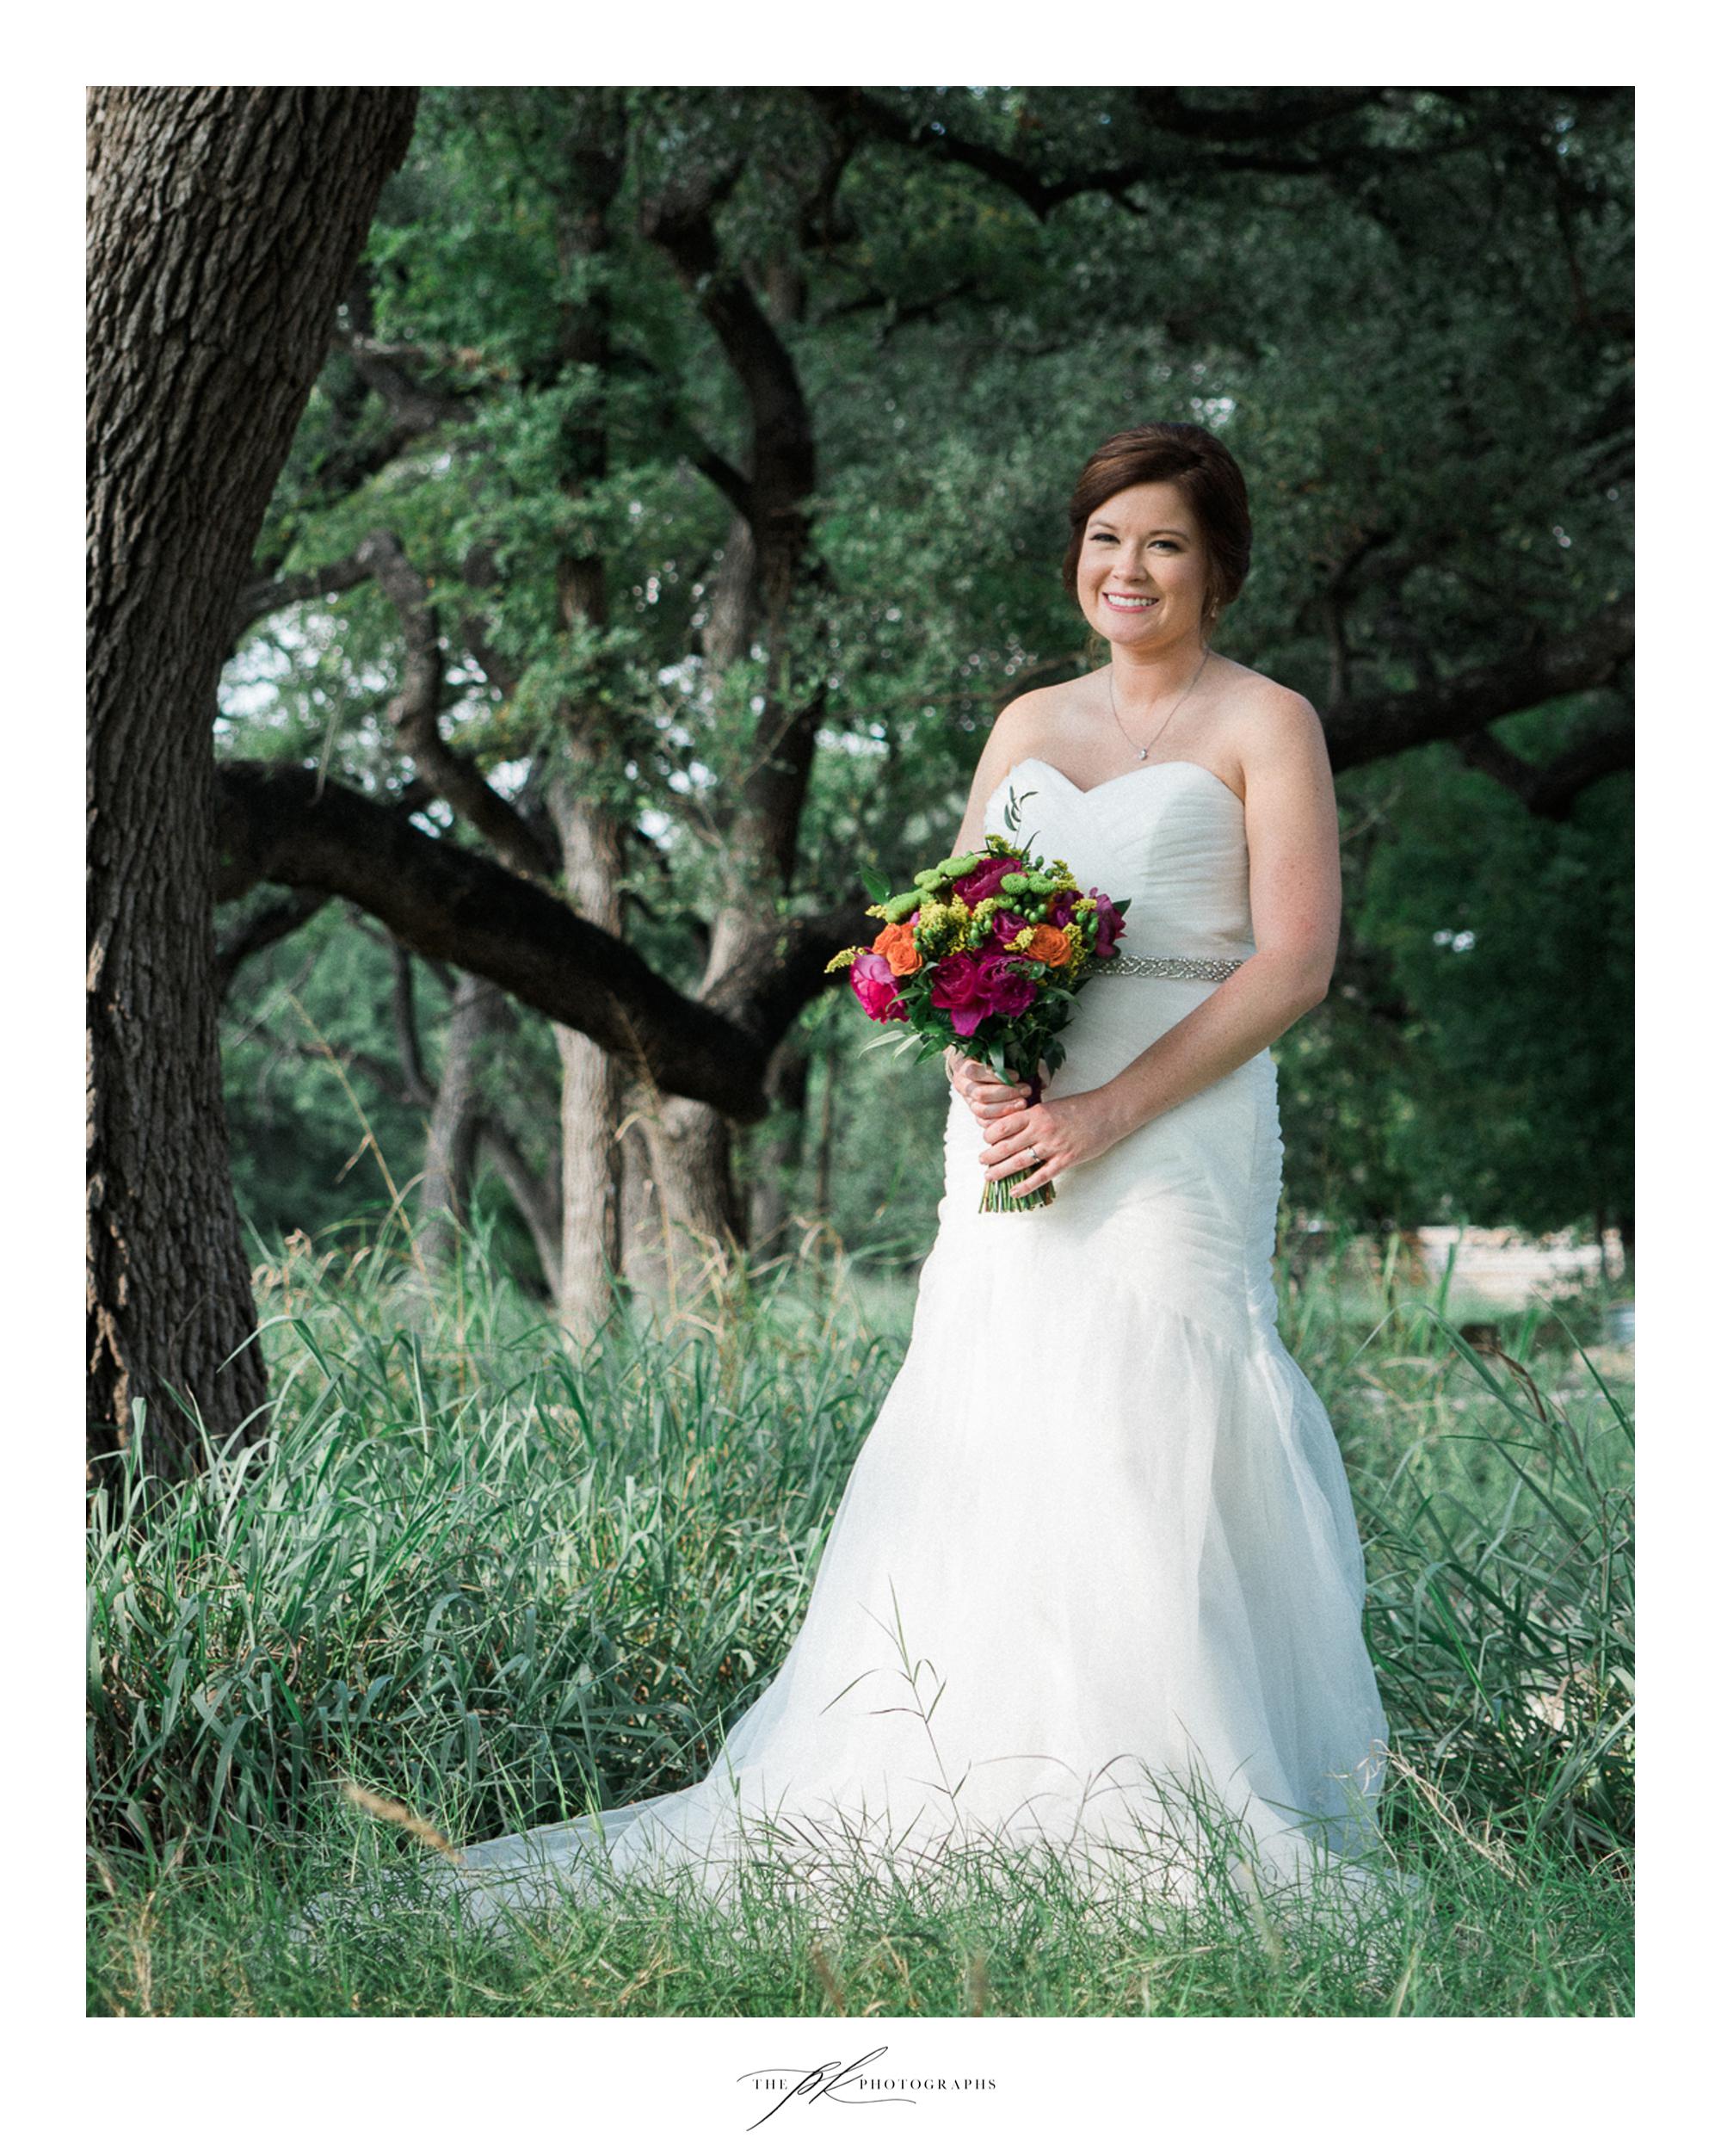 Katie at Magnolia Halle, a San Antonio wedding venue in the heart of the city.